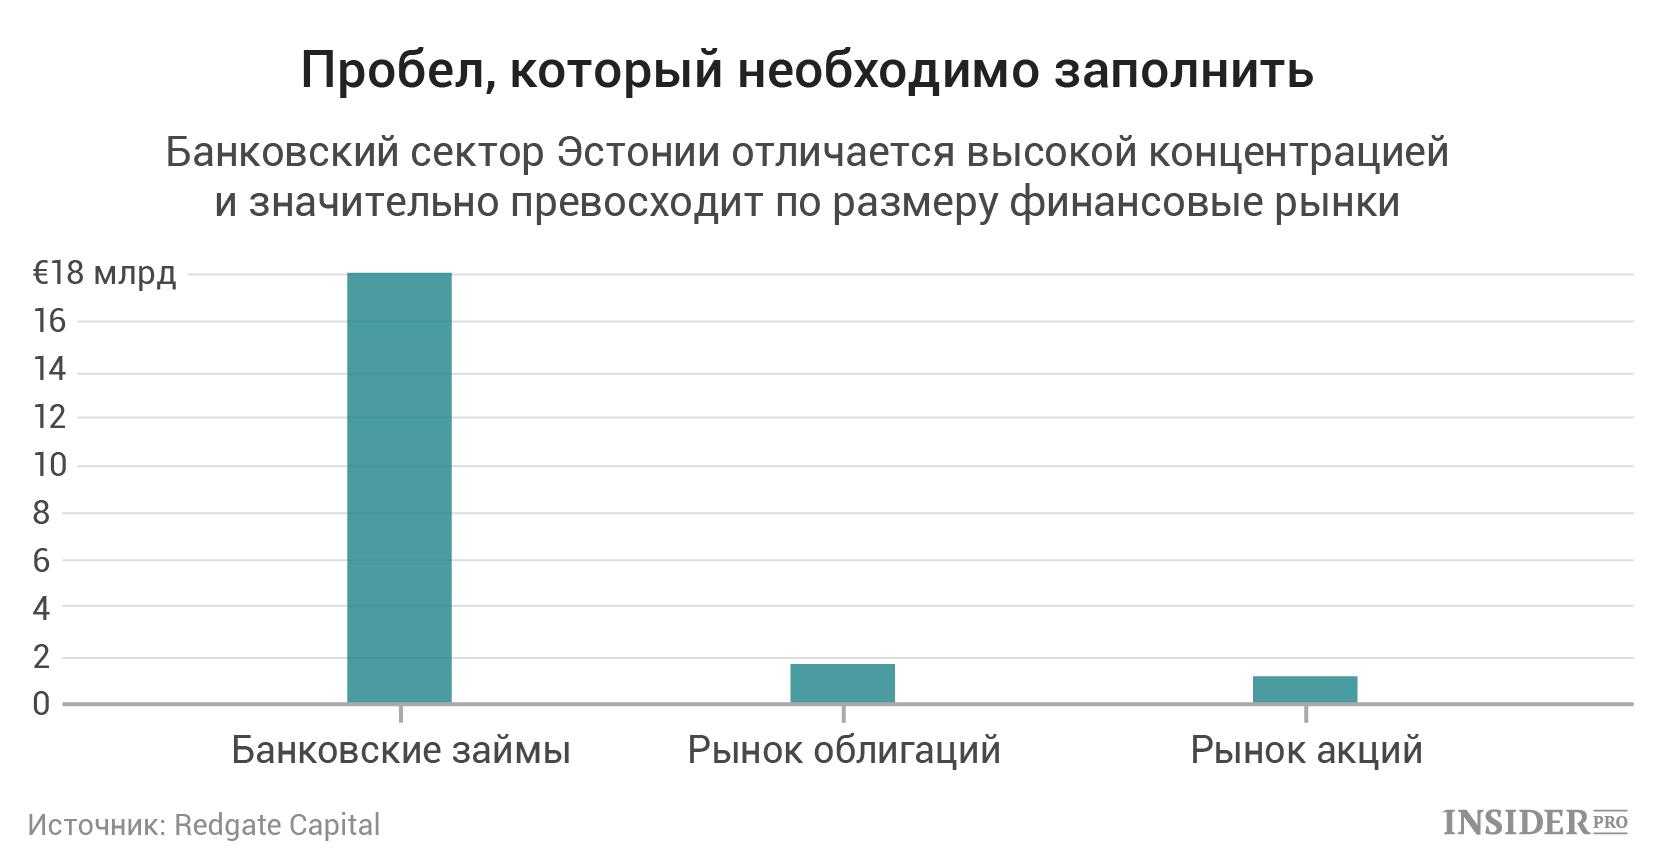 Концентрация банковского сектора Эстонии